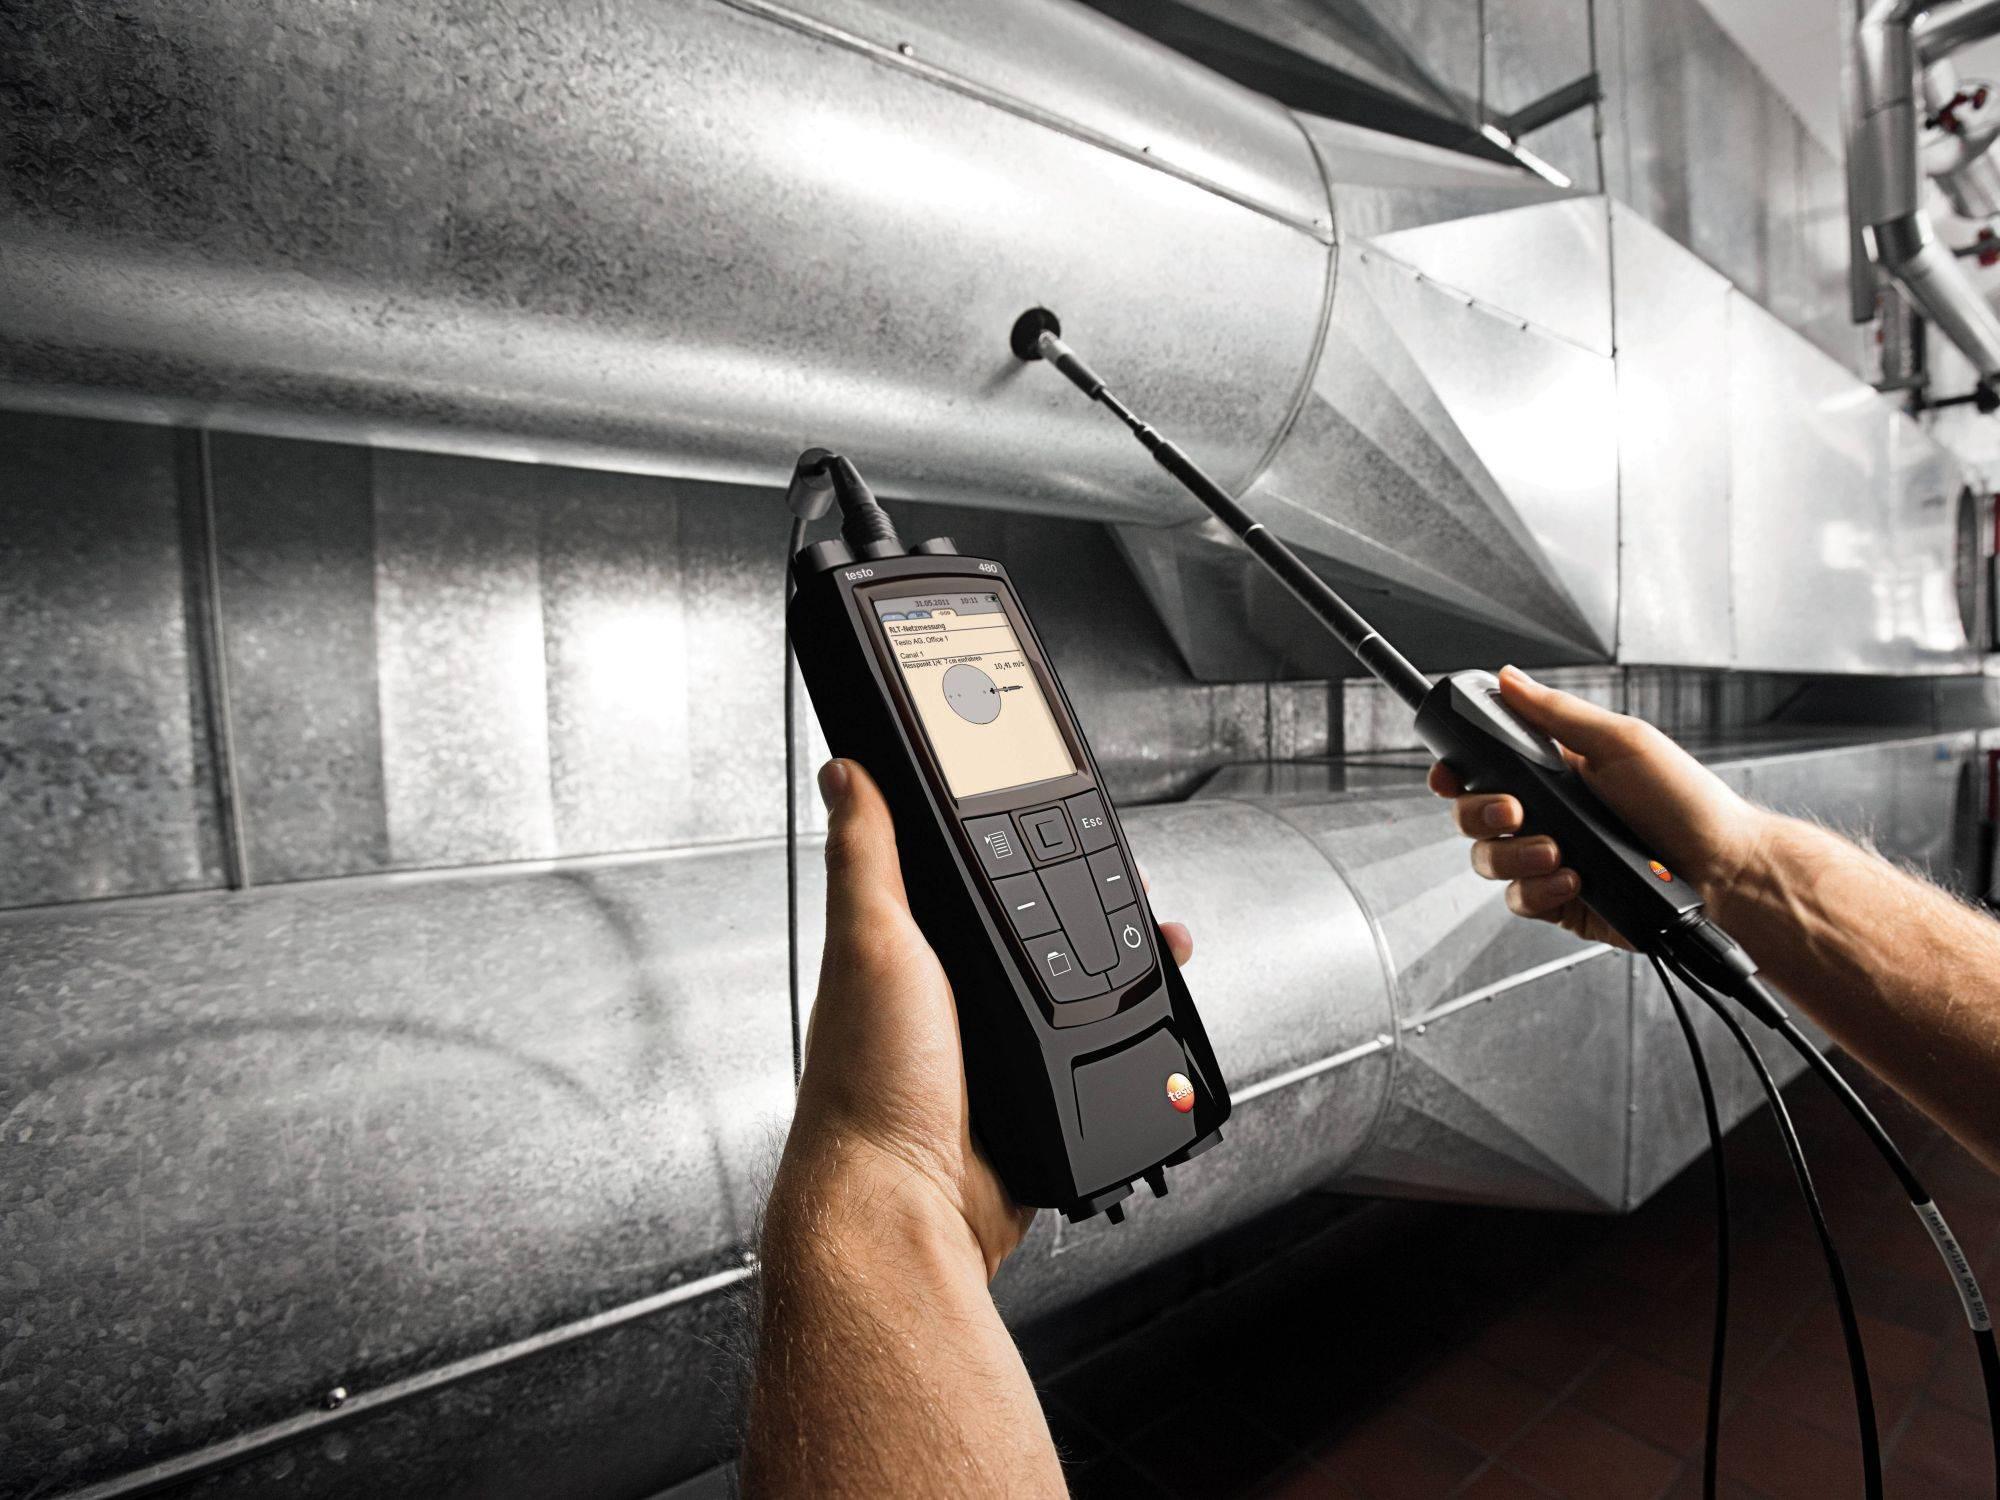 Проверка вентиляции: методы, поиск неисправностей, рекомендации